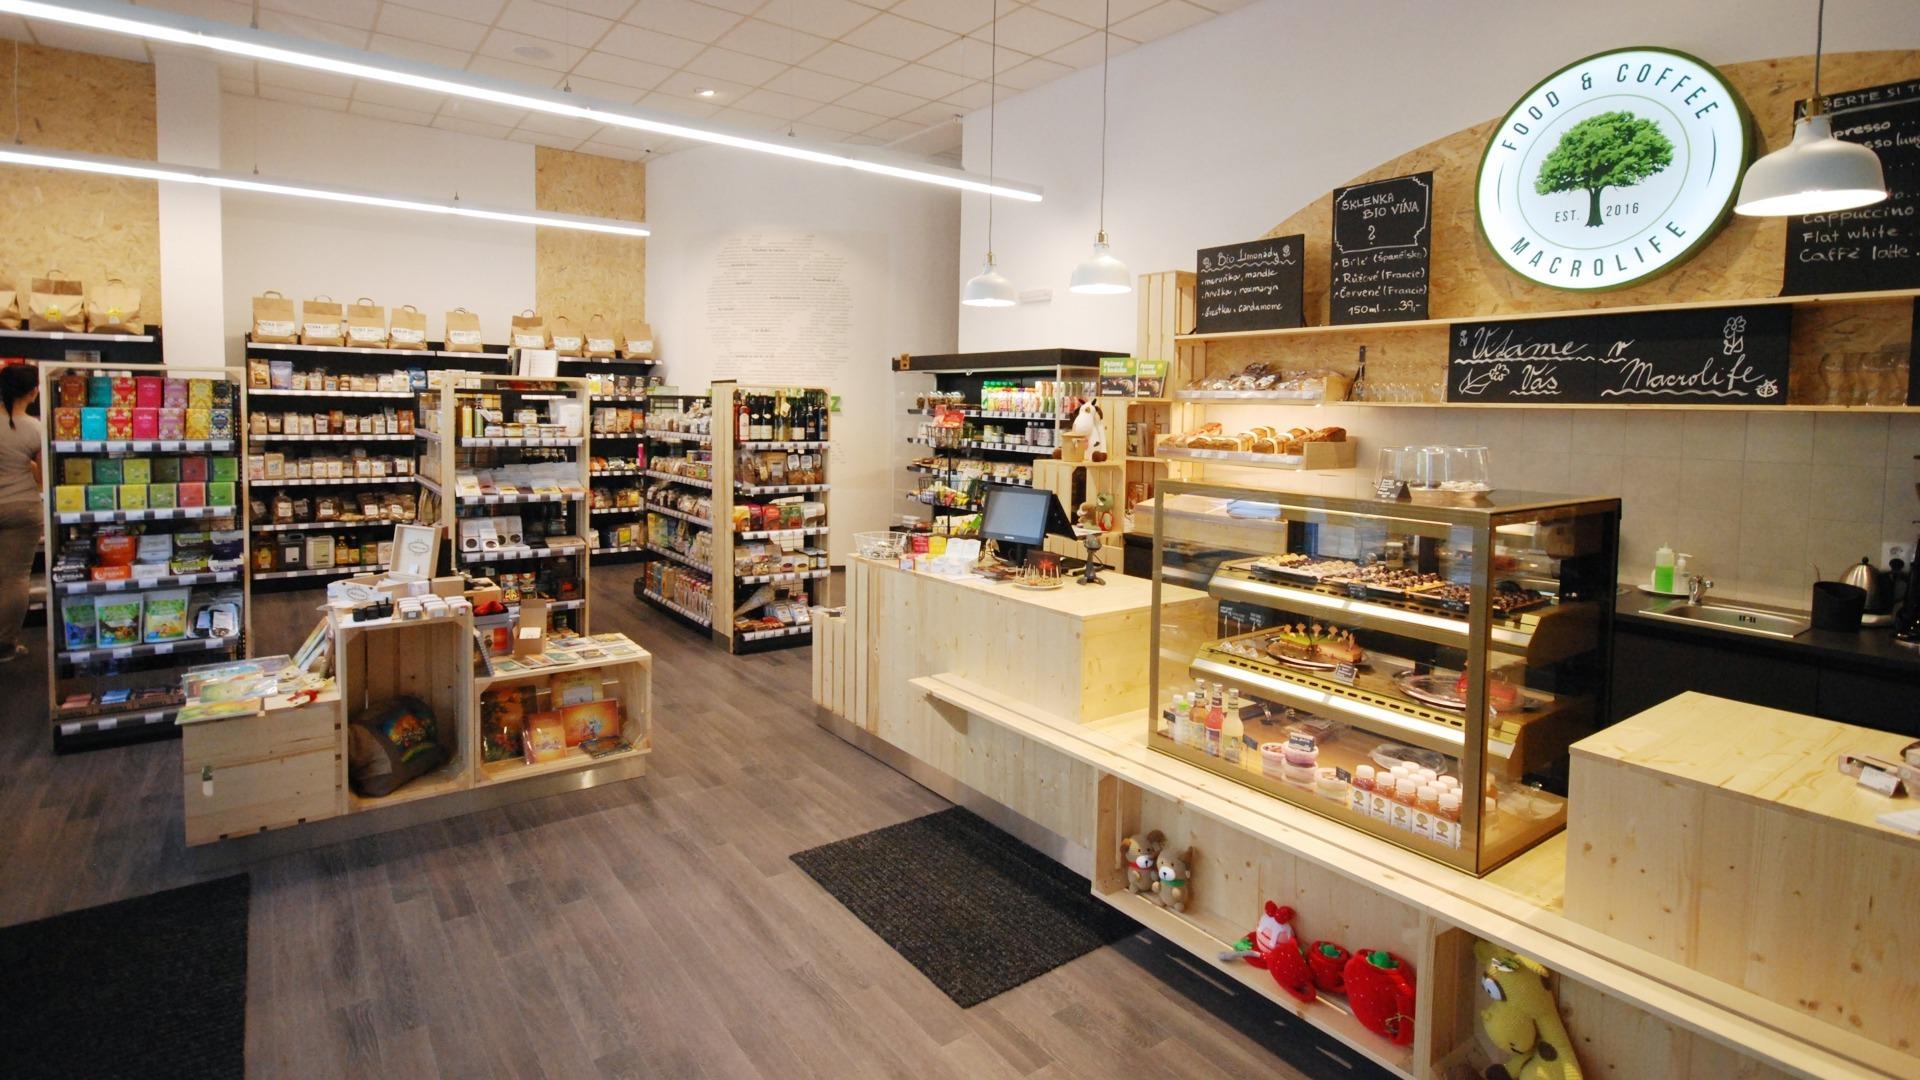 FESCHU BIO Macrolife potraviny a kavarna Louny prodejni pult